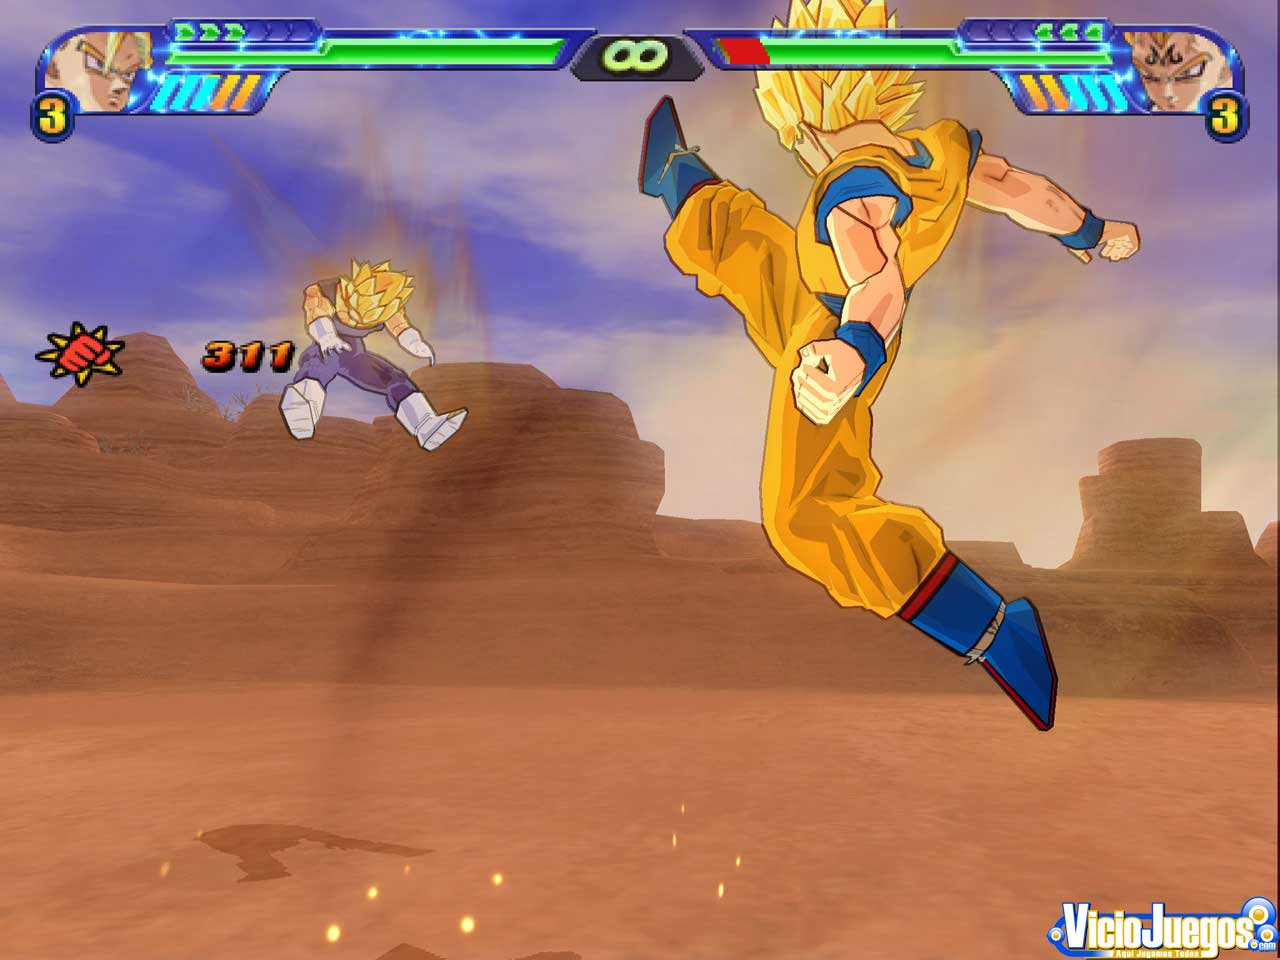 El combate m�s espectacular y estrat�gico de Goku